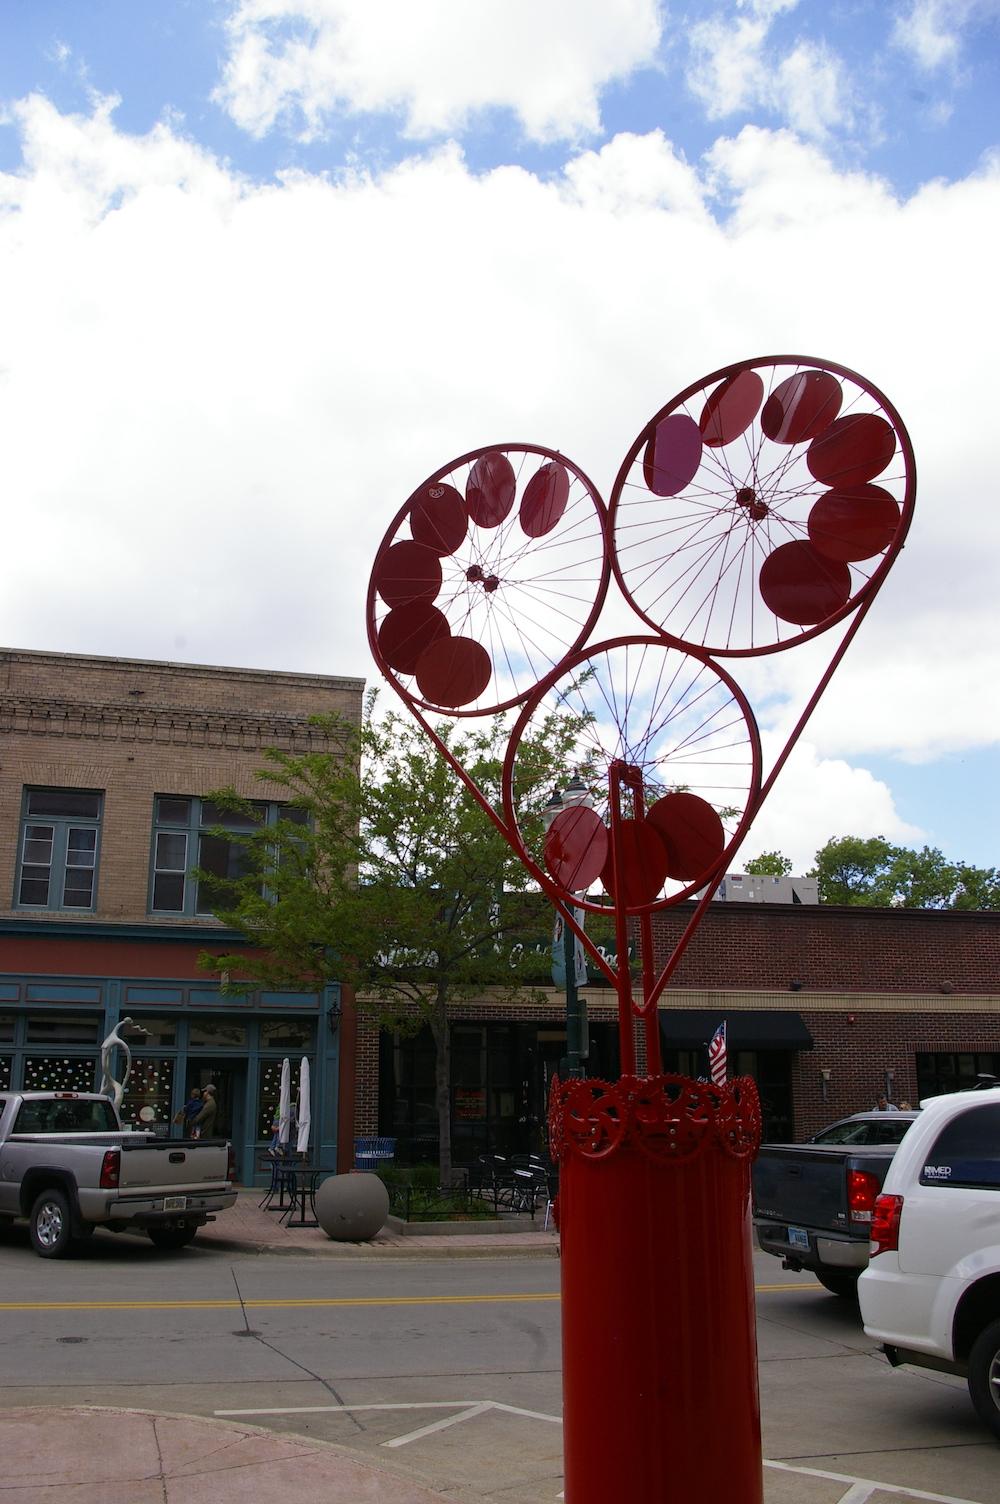 Heart sculpture made of bike parts along the SculptureWalk in downtown Sioux Falls, South Dakota